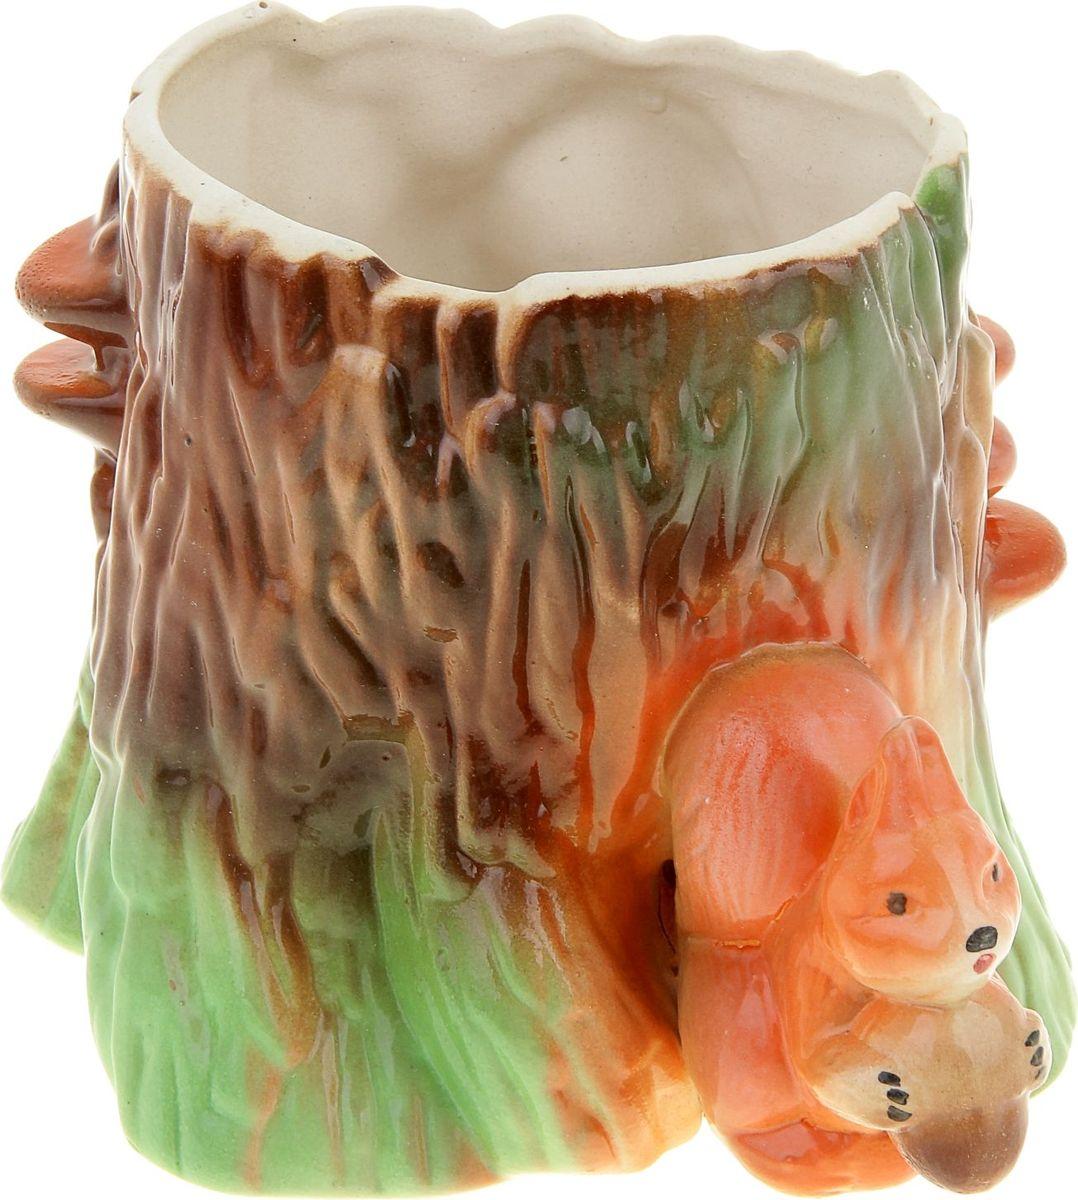 Кашпо Керамика ручной работы Пень и белка, 1,5 л835426Комнатные растения — всеобщие любимцы. Они радуют глаз, насыщают помещение кислородом и украшают пространство. Каждому из растений необходим свой удобный и красивый дом. Поселите зелёного питомца в яркое и оригинальное фигурное кашпо. Выберите подходящую форму для детской, спальни, гостиной, балкона, офиса или террасы. #name# позаботится о растении, украсит окружающее пространство и подчеркнёт его оригинальный стиль.